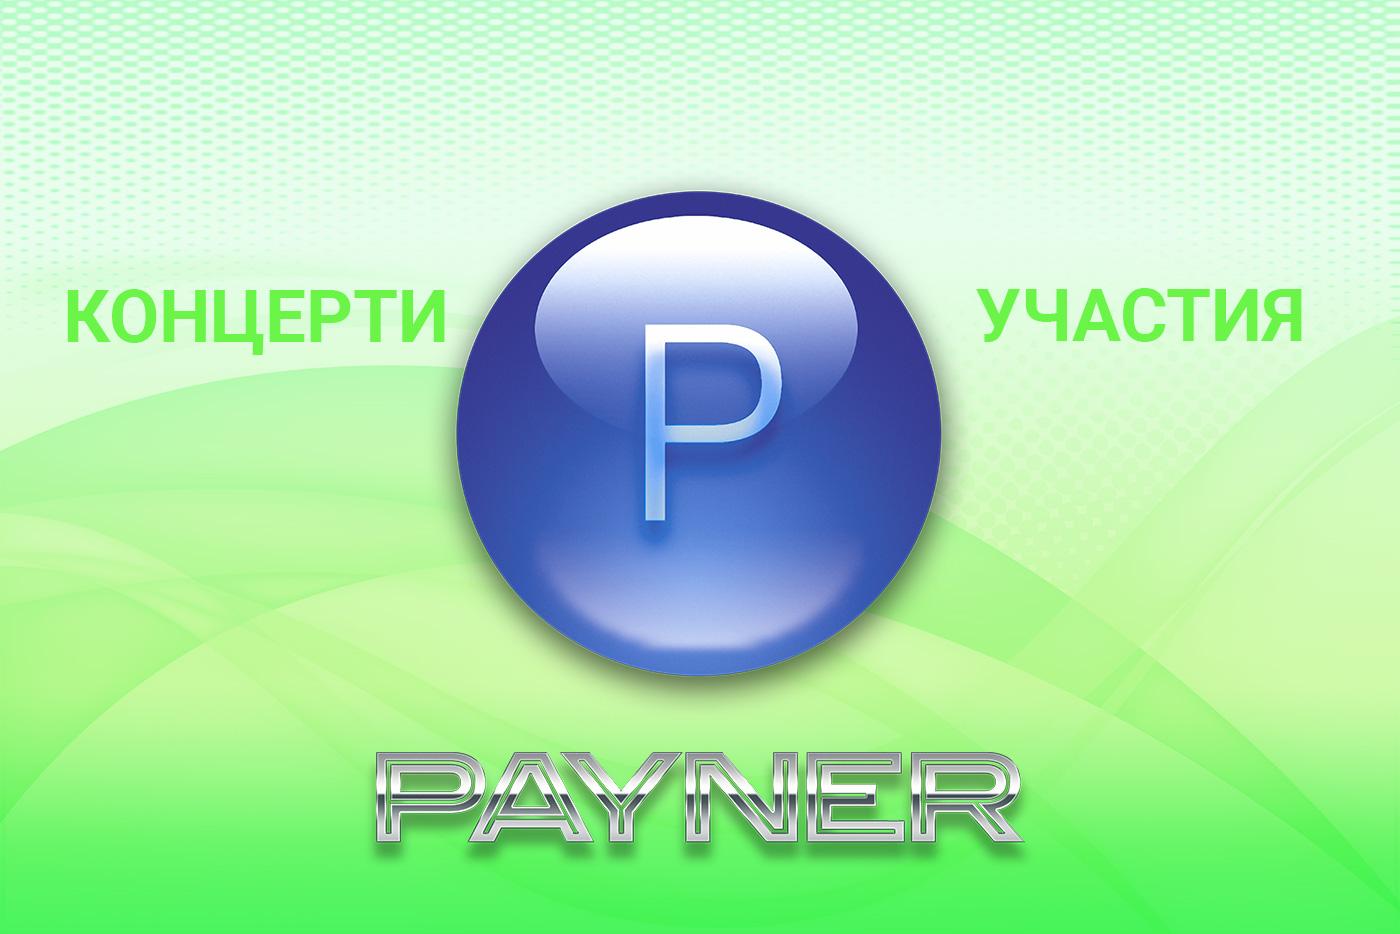 """Участия на звездите на """"Пайнер"""" на 28.02.2019"""